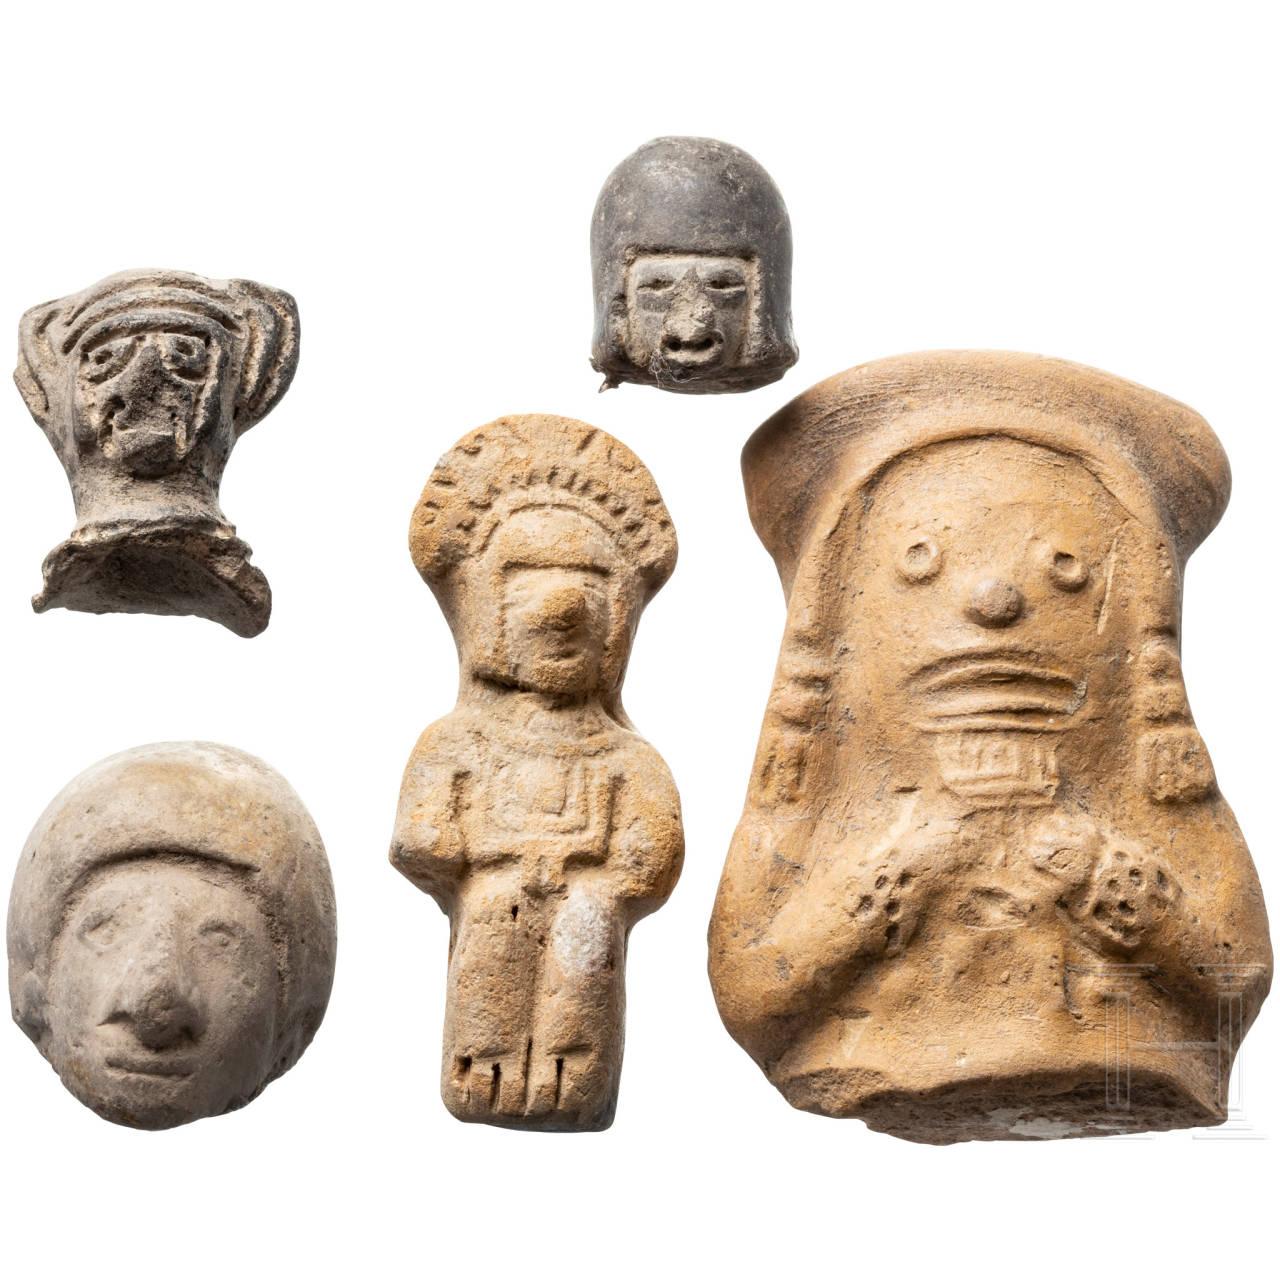 Terrakottafigur und vier Fragmente, Peru, präkolumbianisch